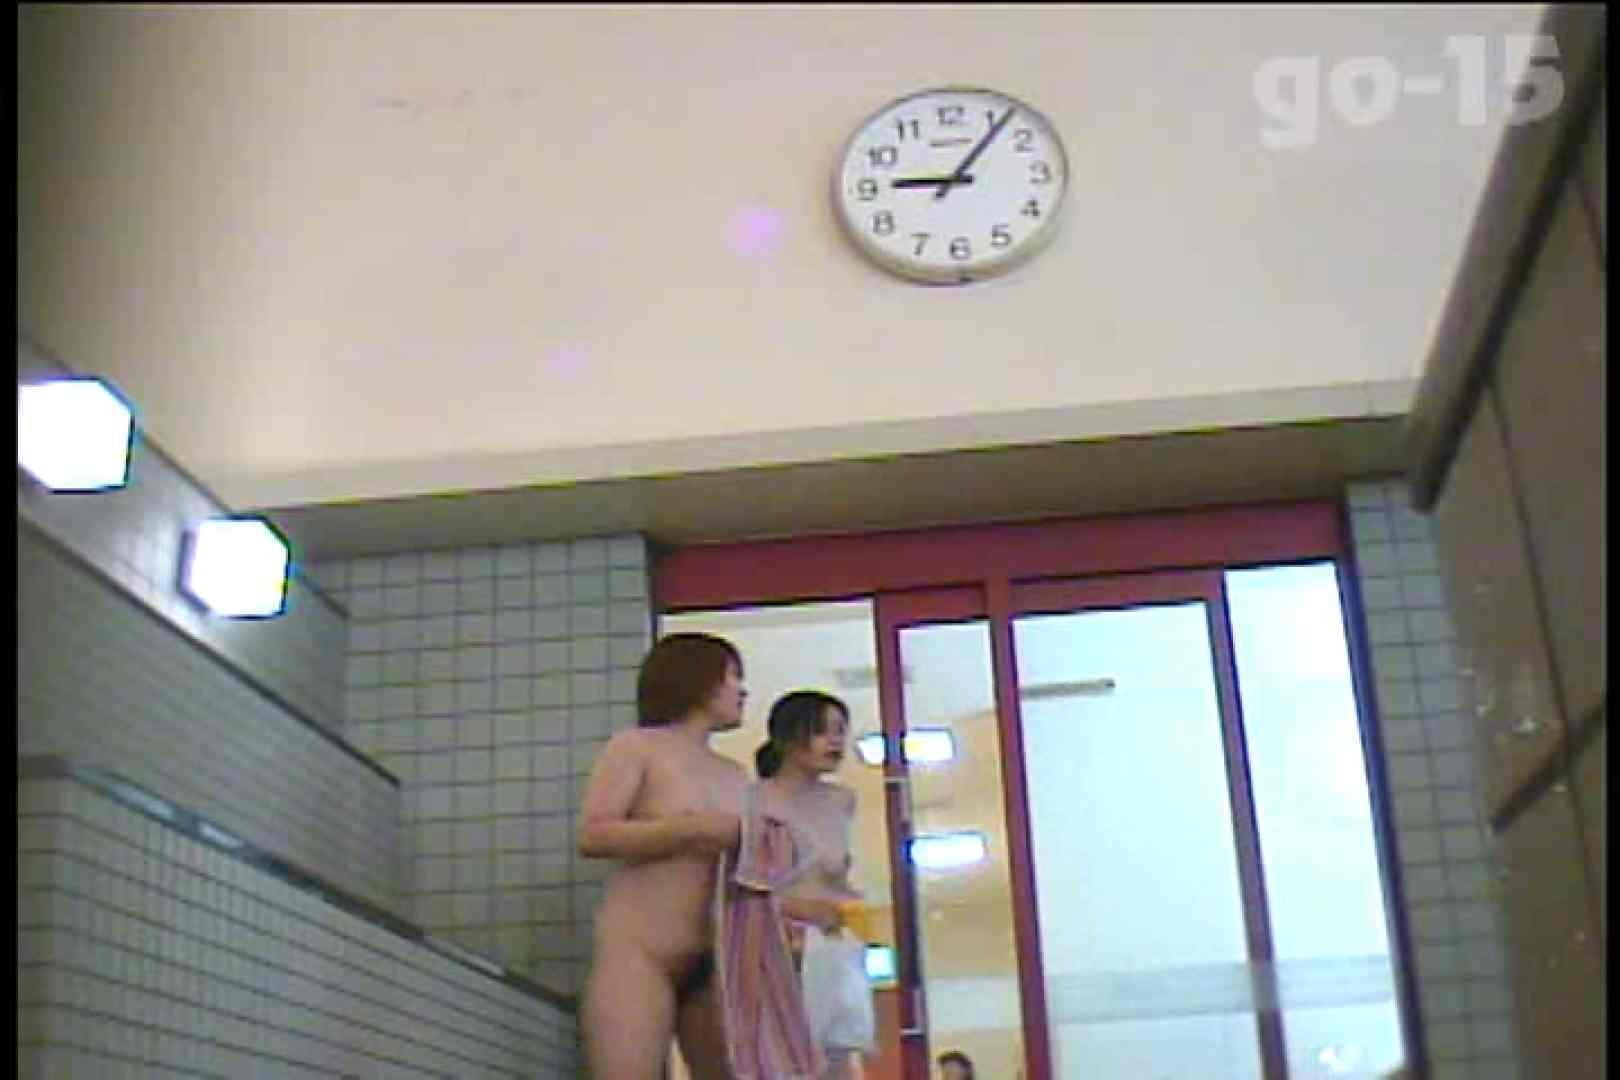 電波カメラ設置浴場からの防HAN映像 Vol.15 ギャル攻め オマンコ無修正動画無料 66画像 47